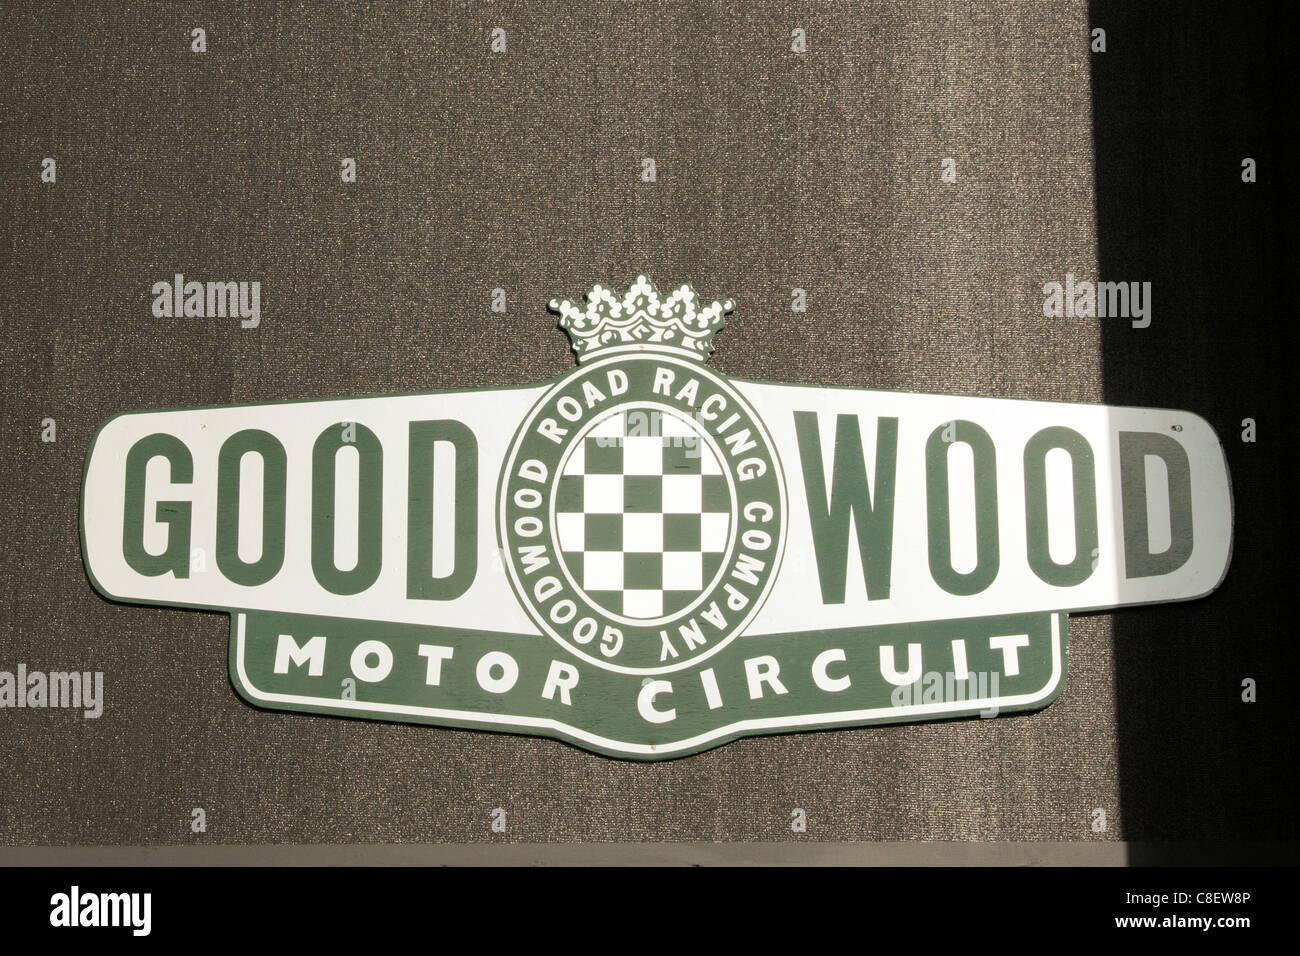 Goodwood Motor Racing Circuit sign - Stock Image